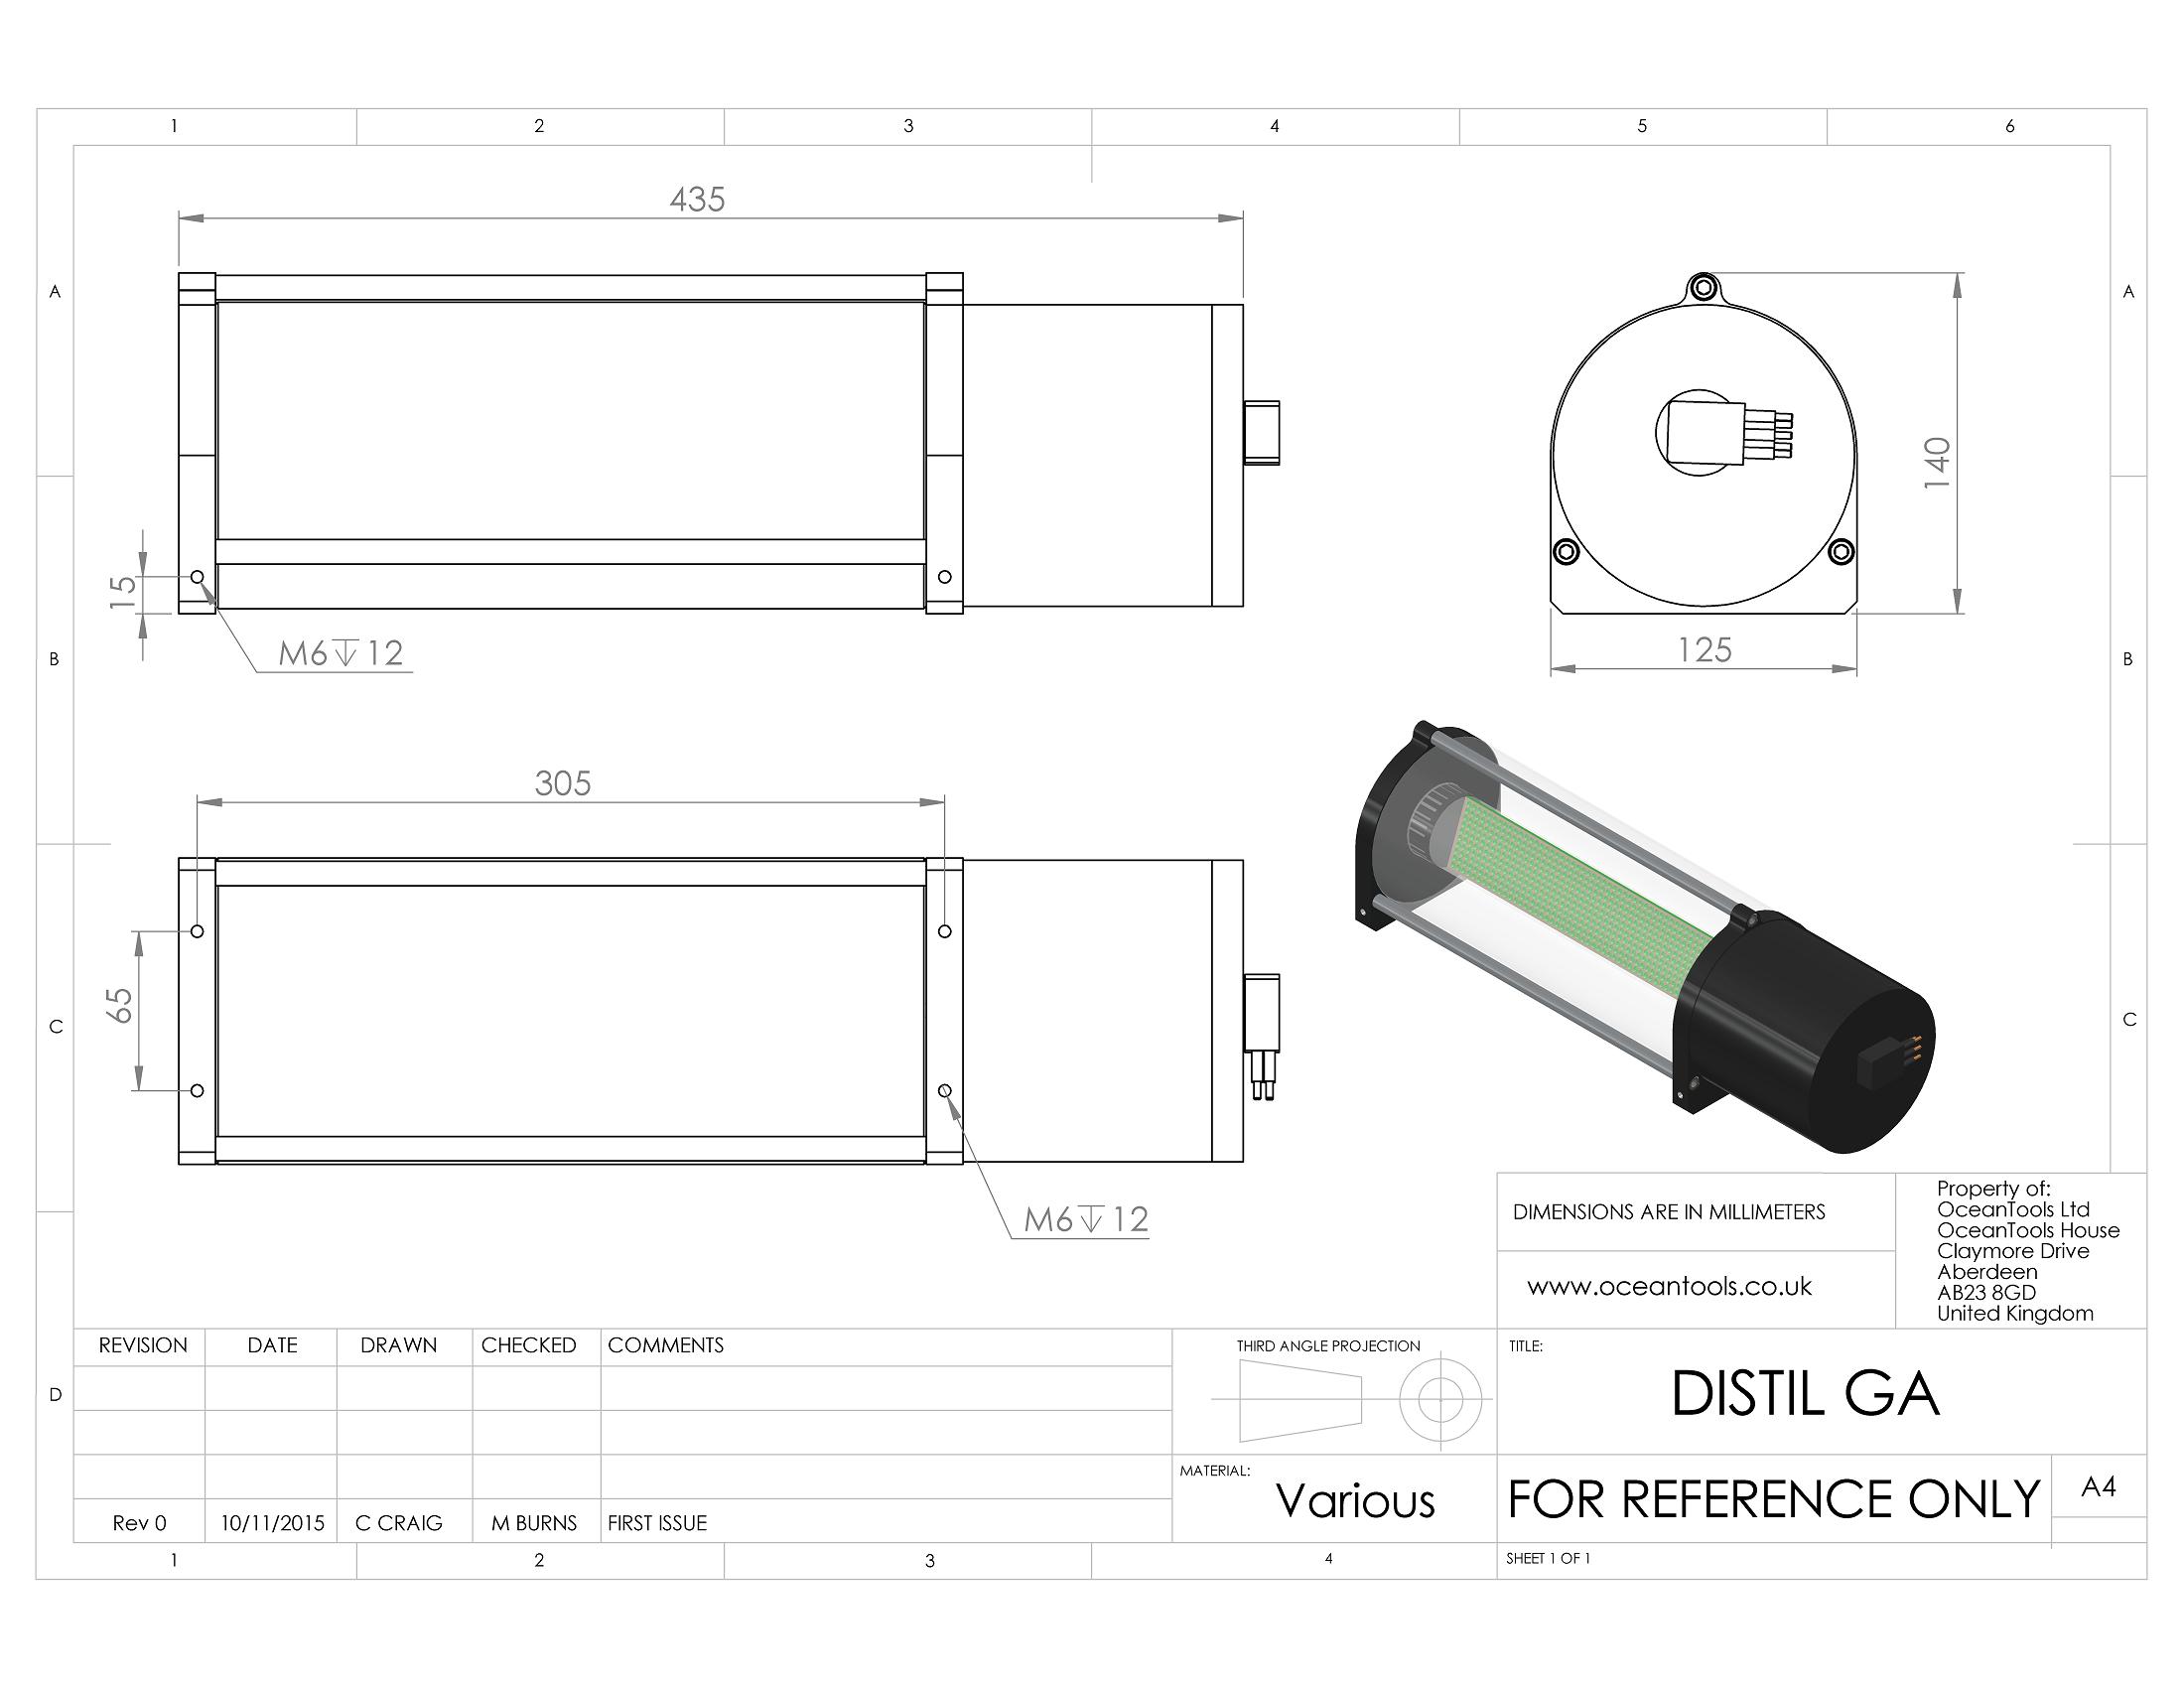 DISTIL integrated display and tilt sensor GA diagram